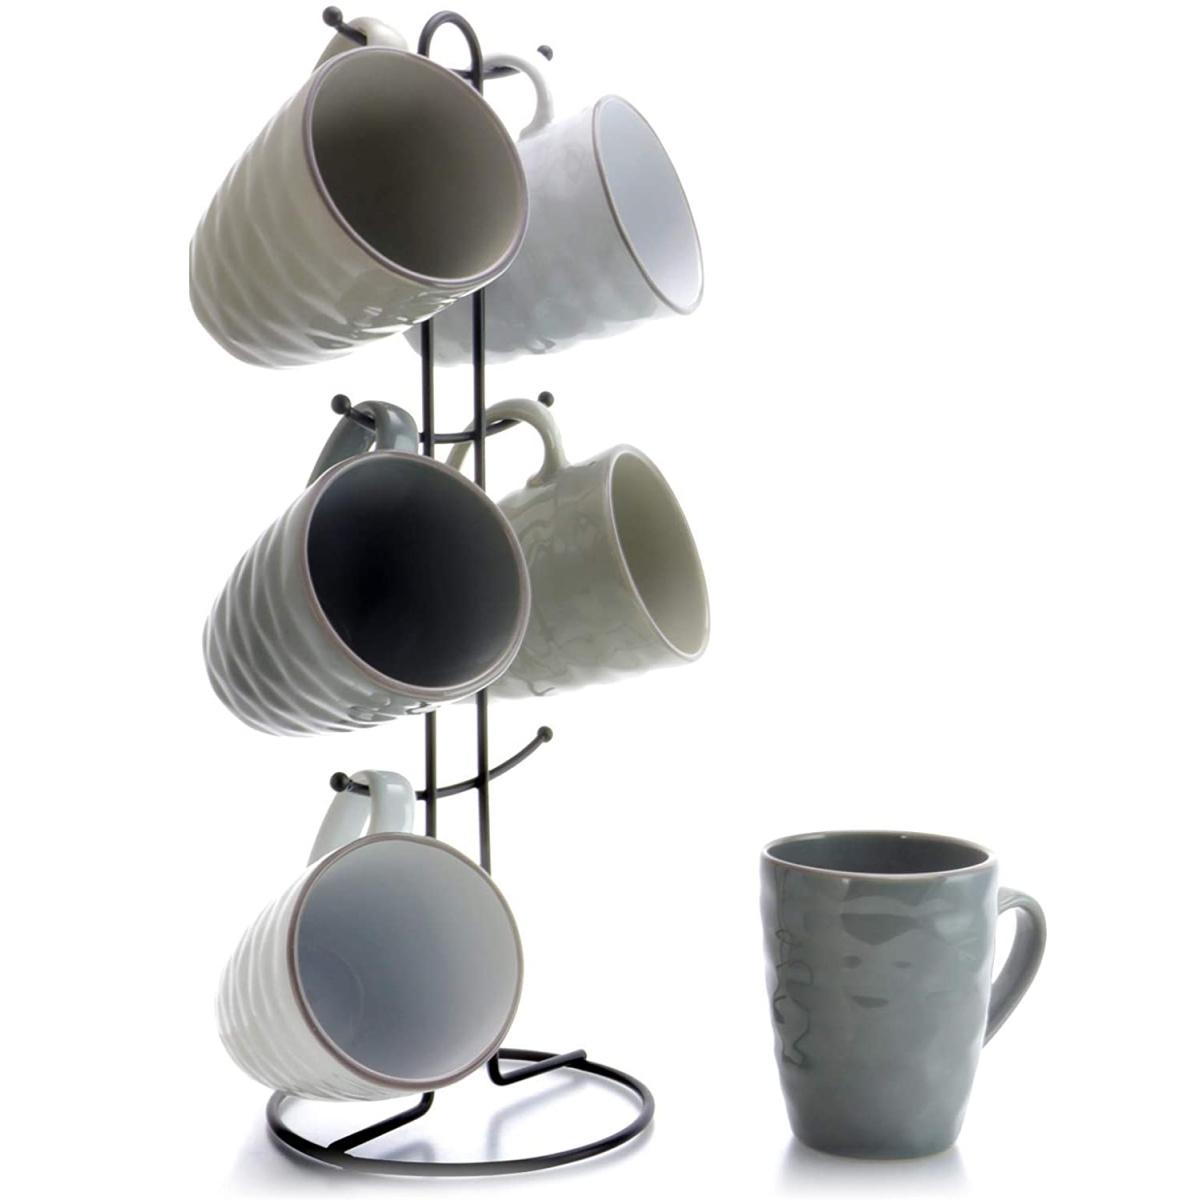 Mug set on metal stand